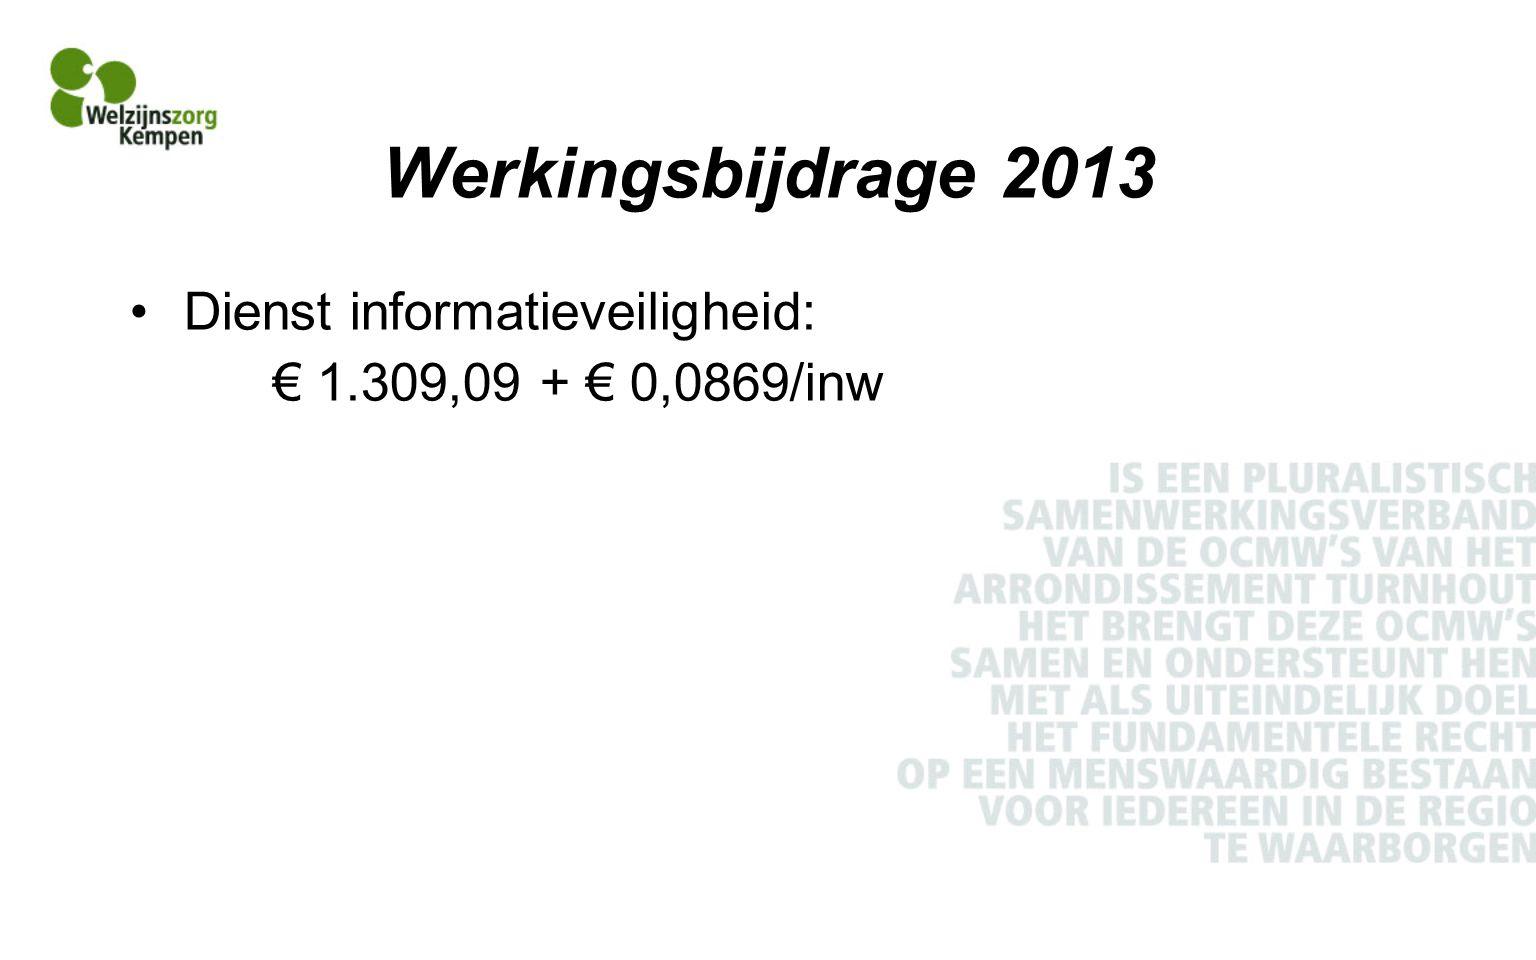 Werkingsbijdrage 2013 Dienst informatieveiligheid: € 1.309,09 + € 0,0869/inw